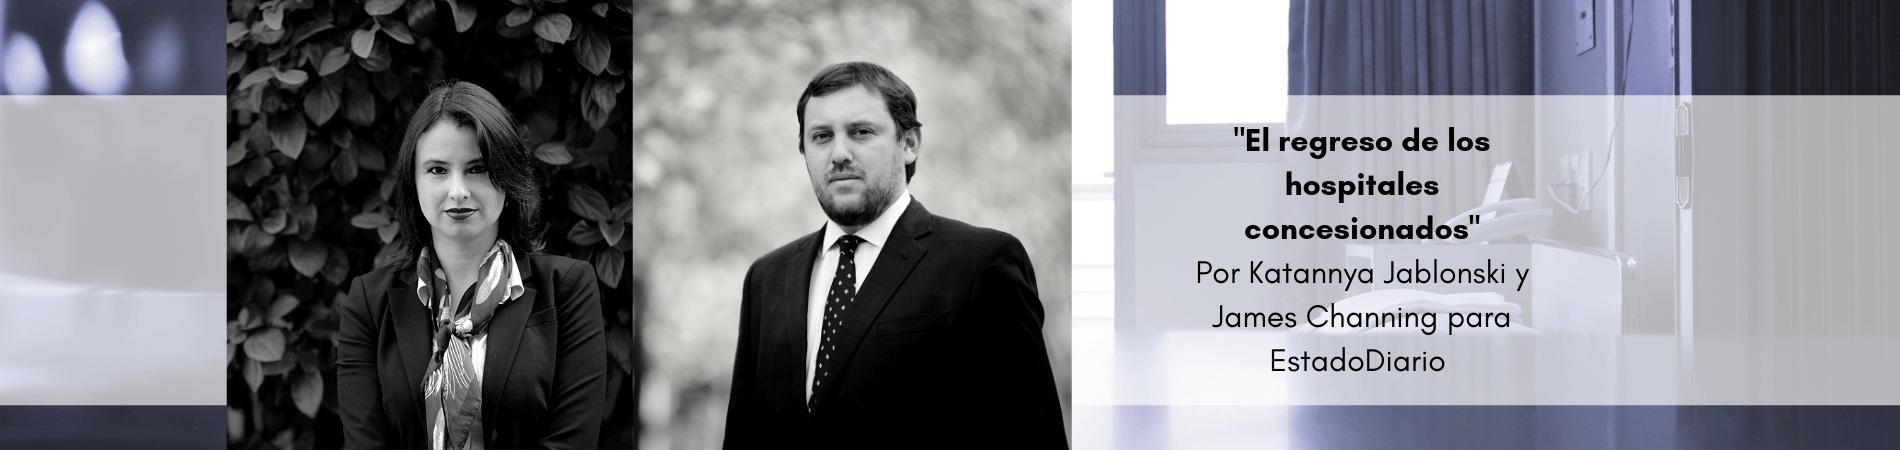 """Opinión: Katannya Jablonski y James Channing en EstadoDiario """"El regreso de los hospitales concesionados"""""""